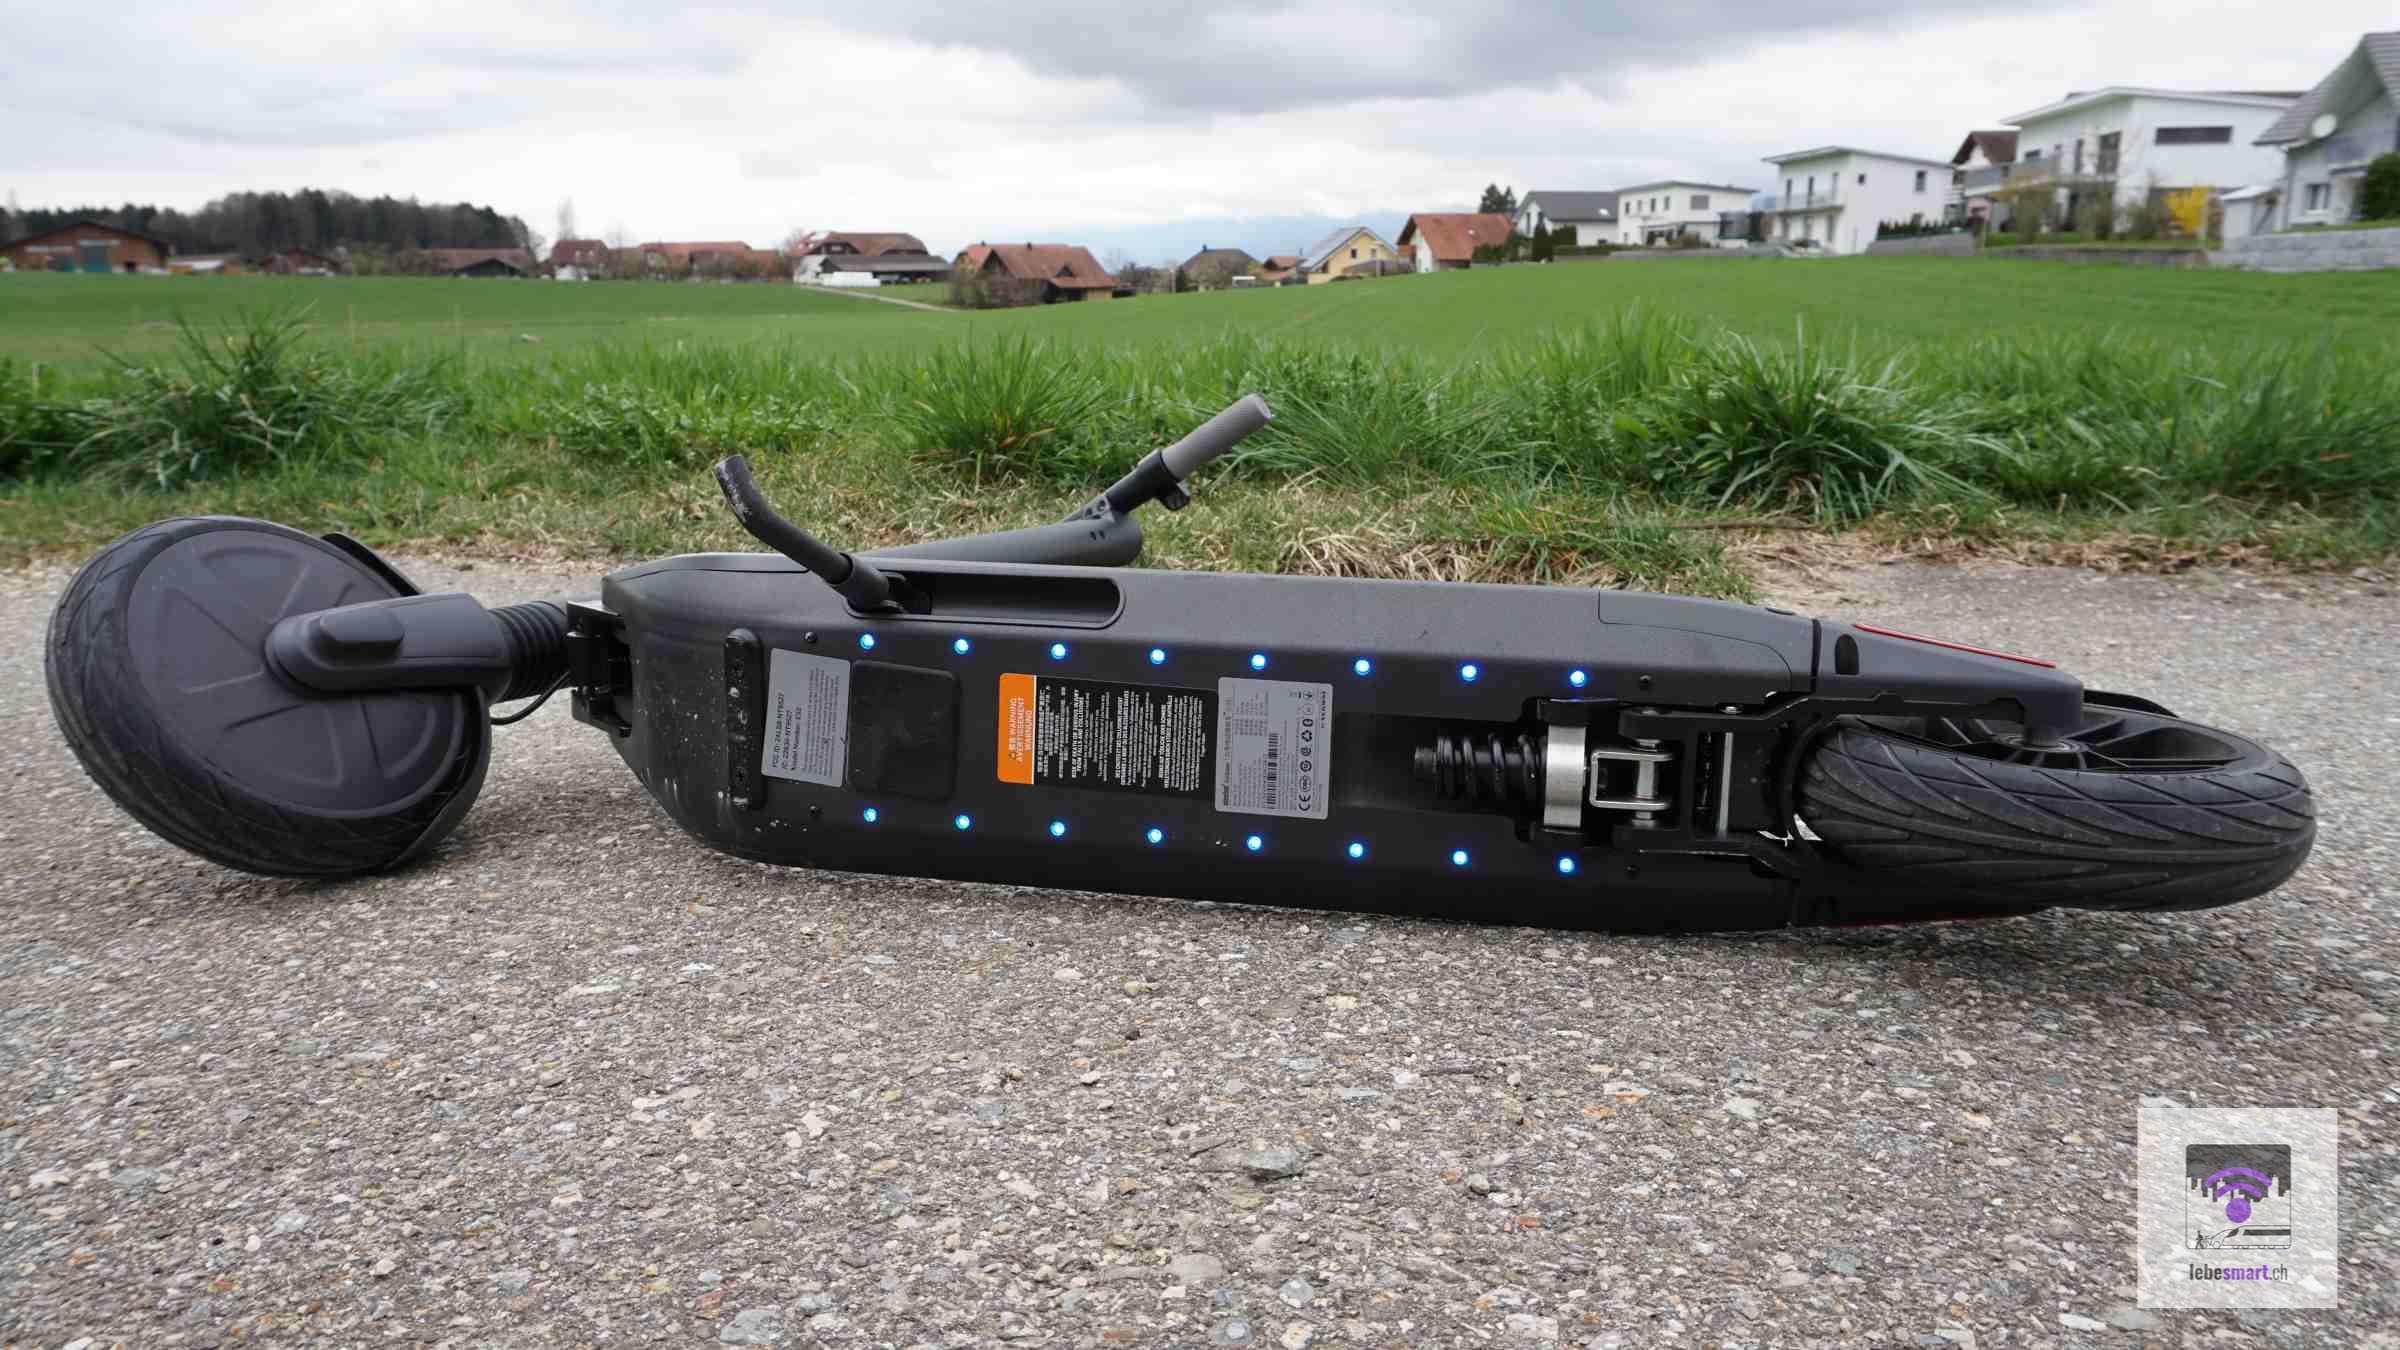 Die LED-Beleuchtung an der Unterseite